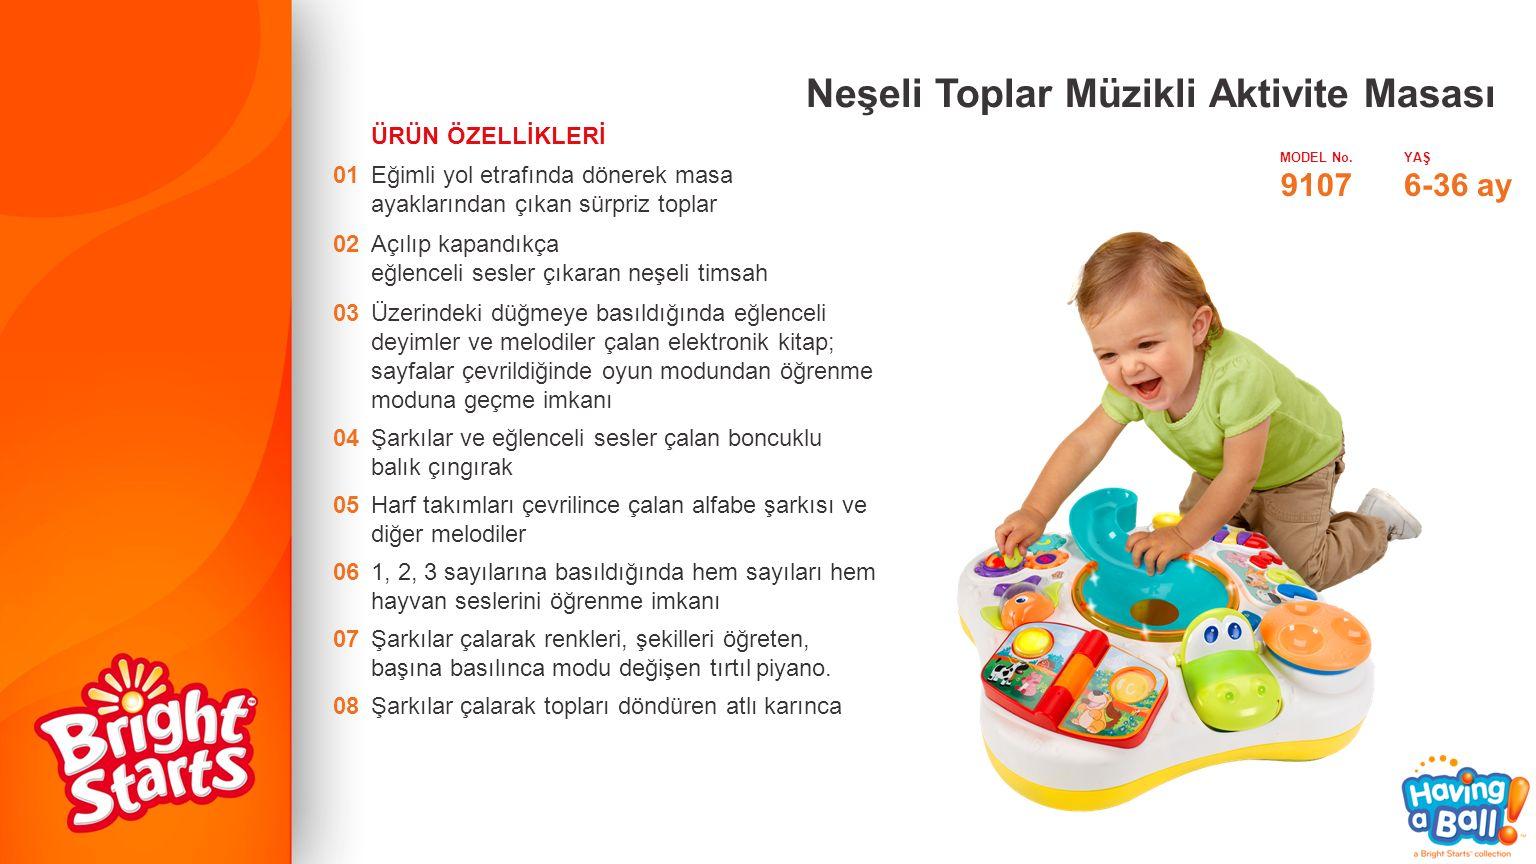 Neşeli Toplar Müzikli Aktivite Masası MODEL No.YAŞ 91076-36 ay